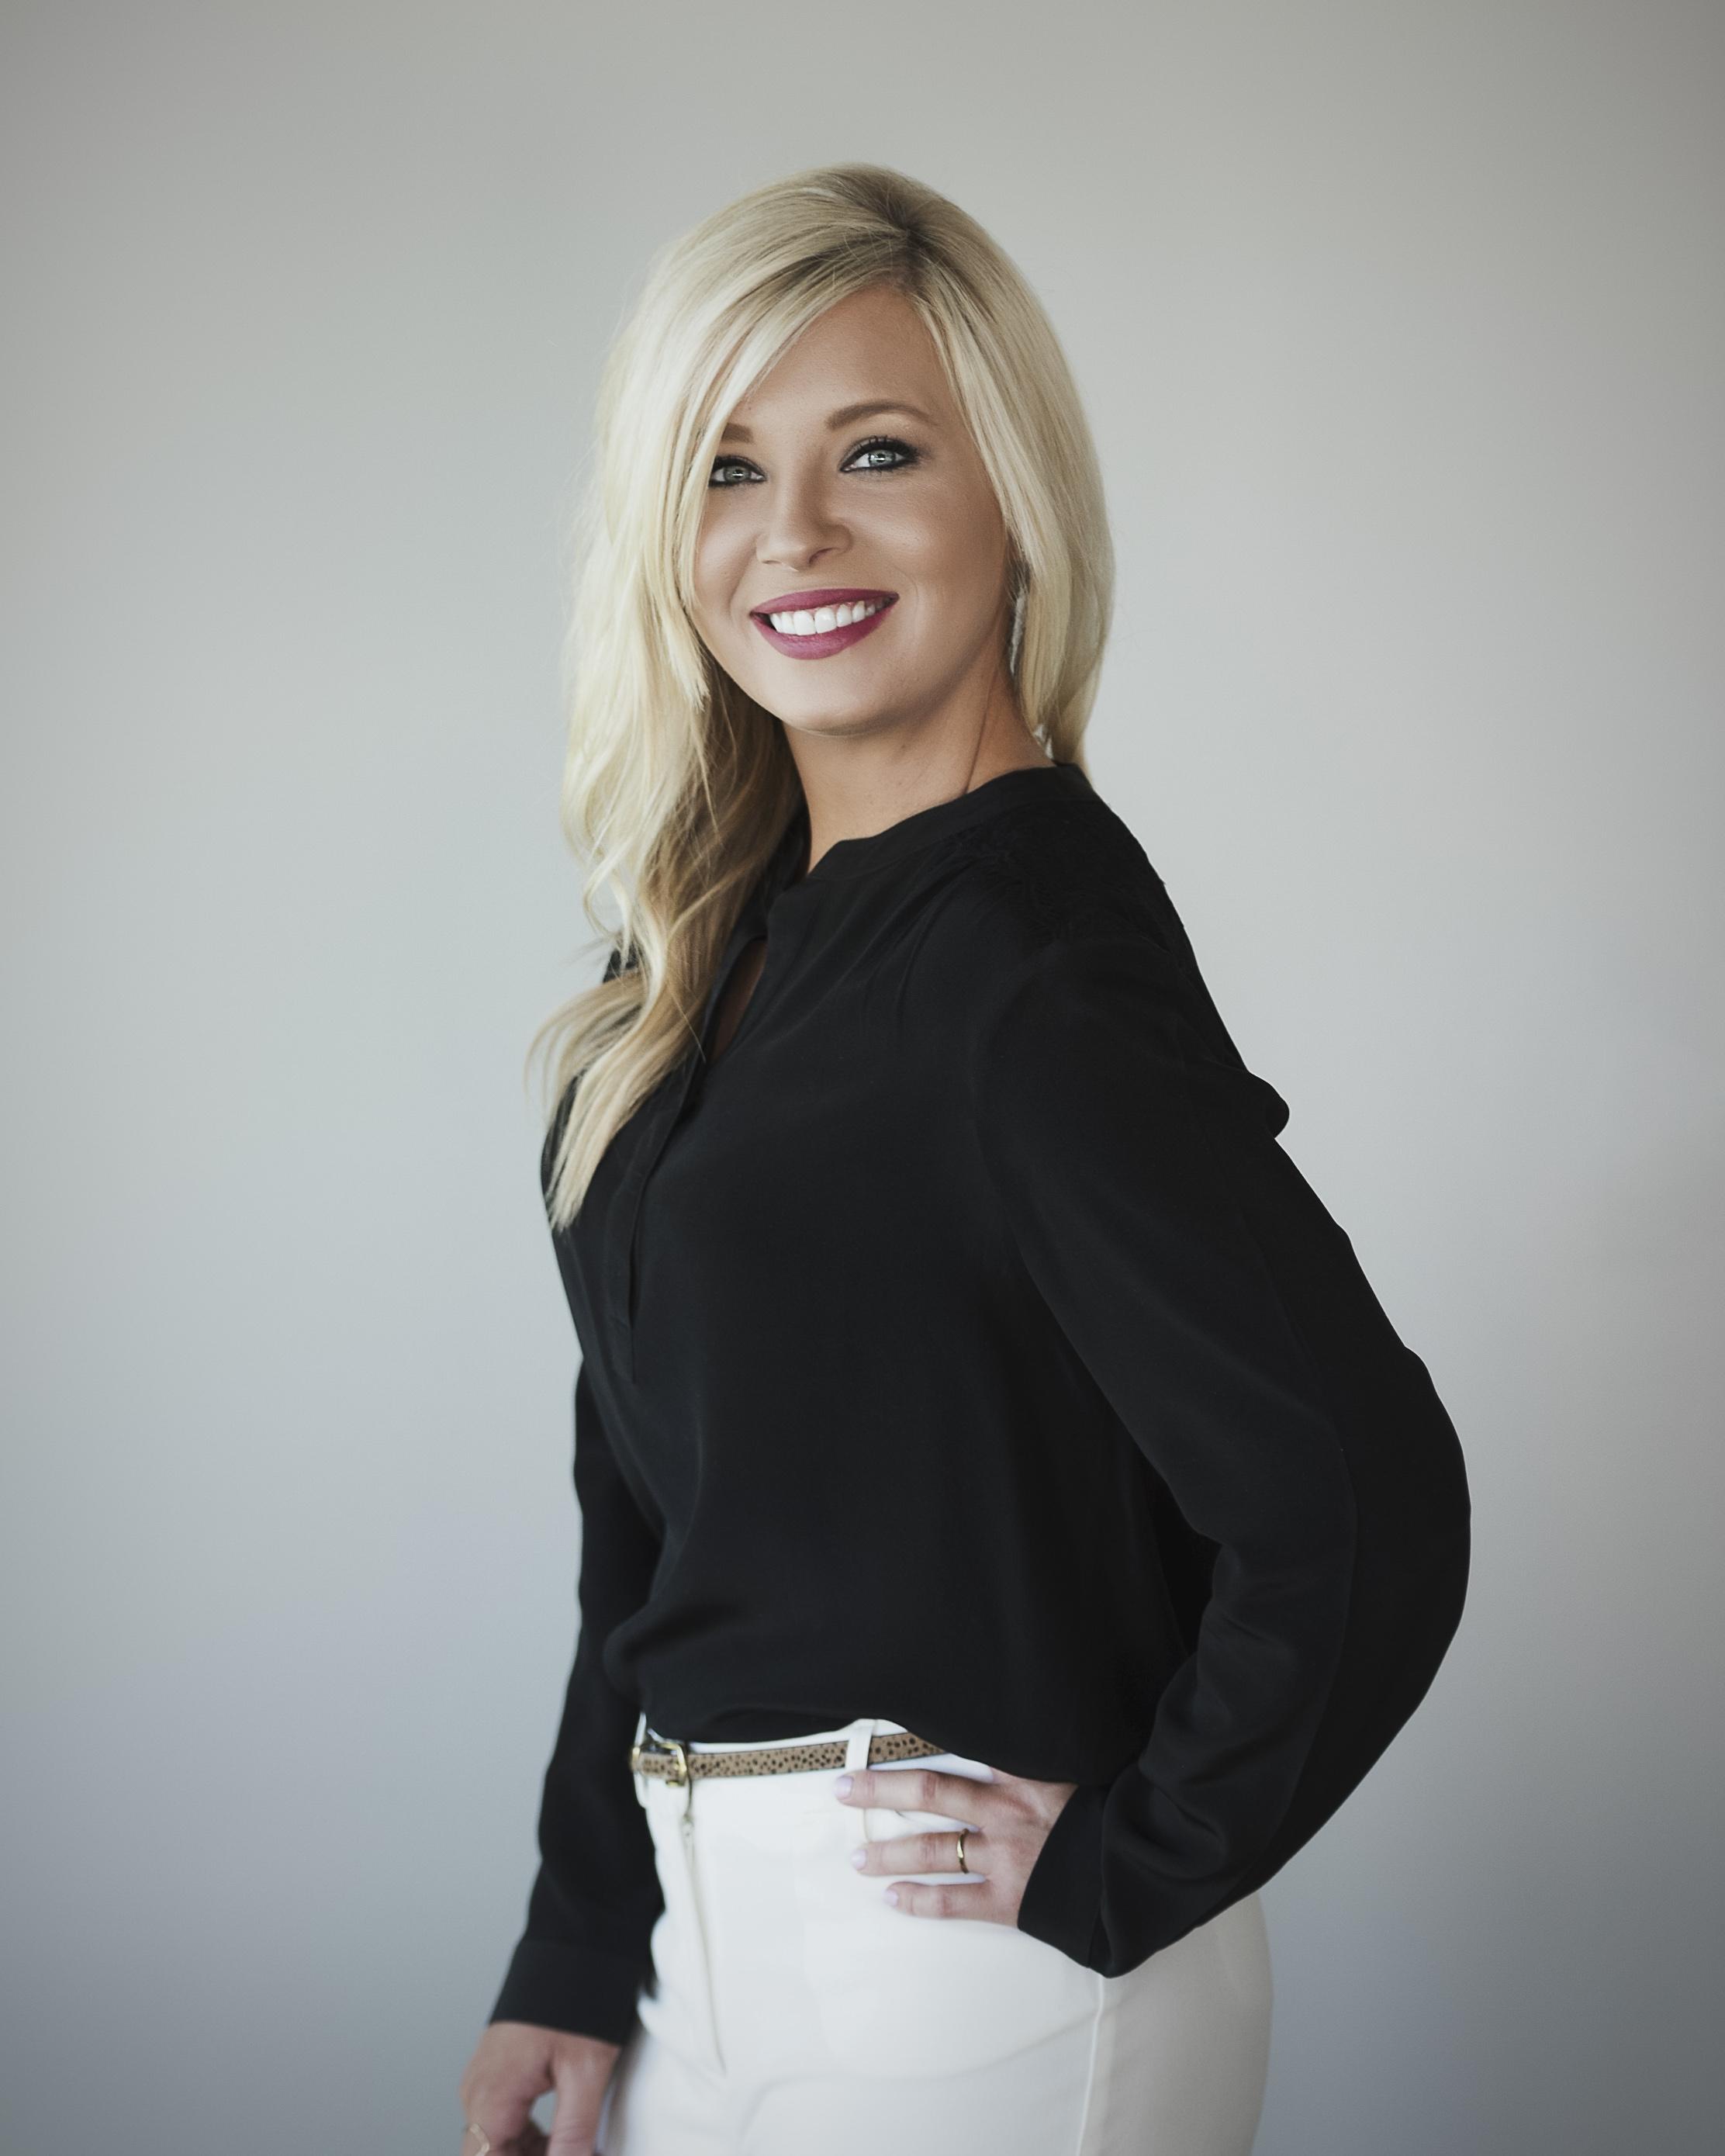 Kelsey McClain Painter